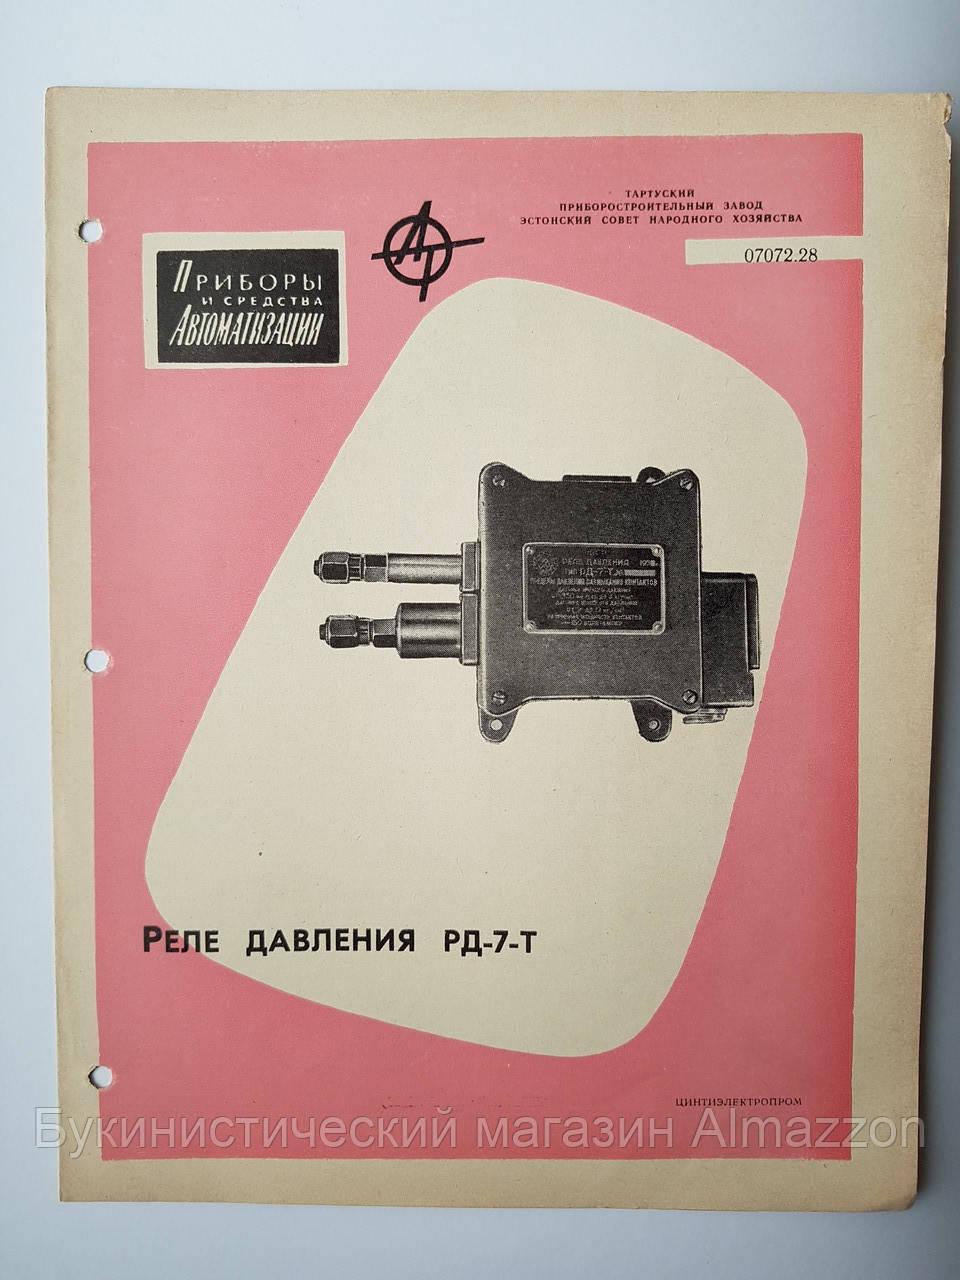 """Журнал (Бюллетень) """"Реле давления РД-7-Т  07072.28"""" 1963 г."""